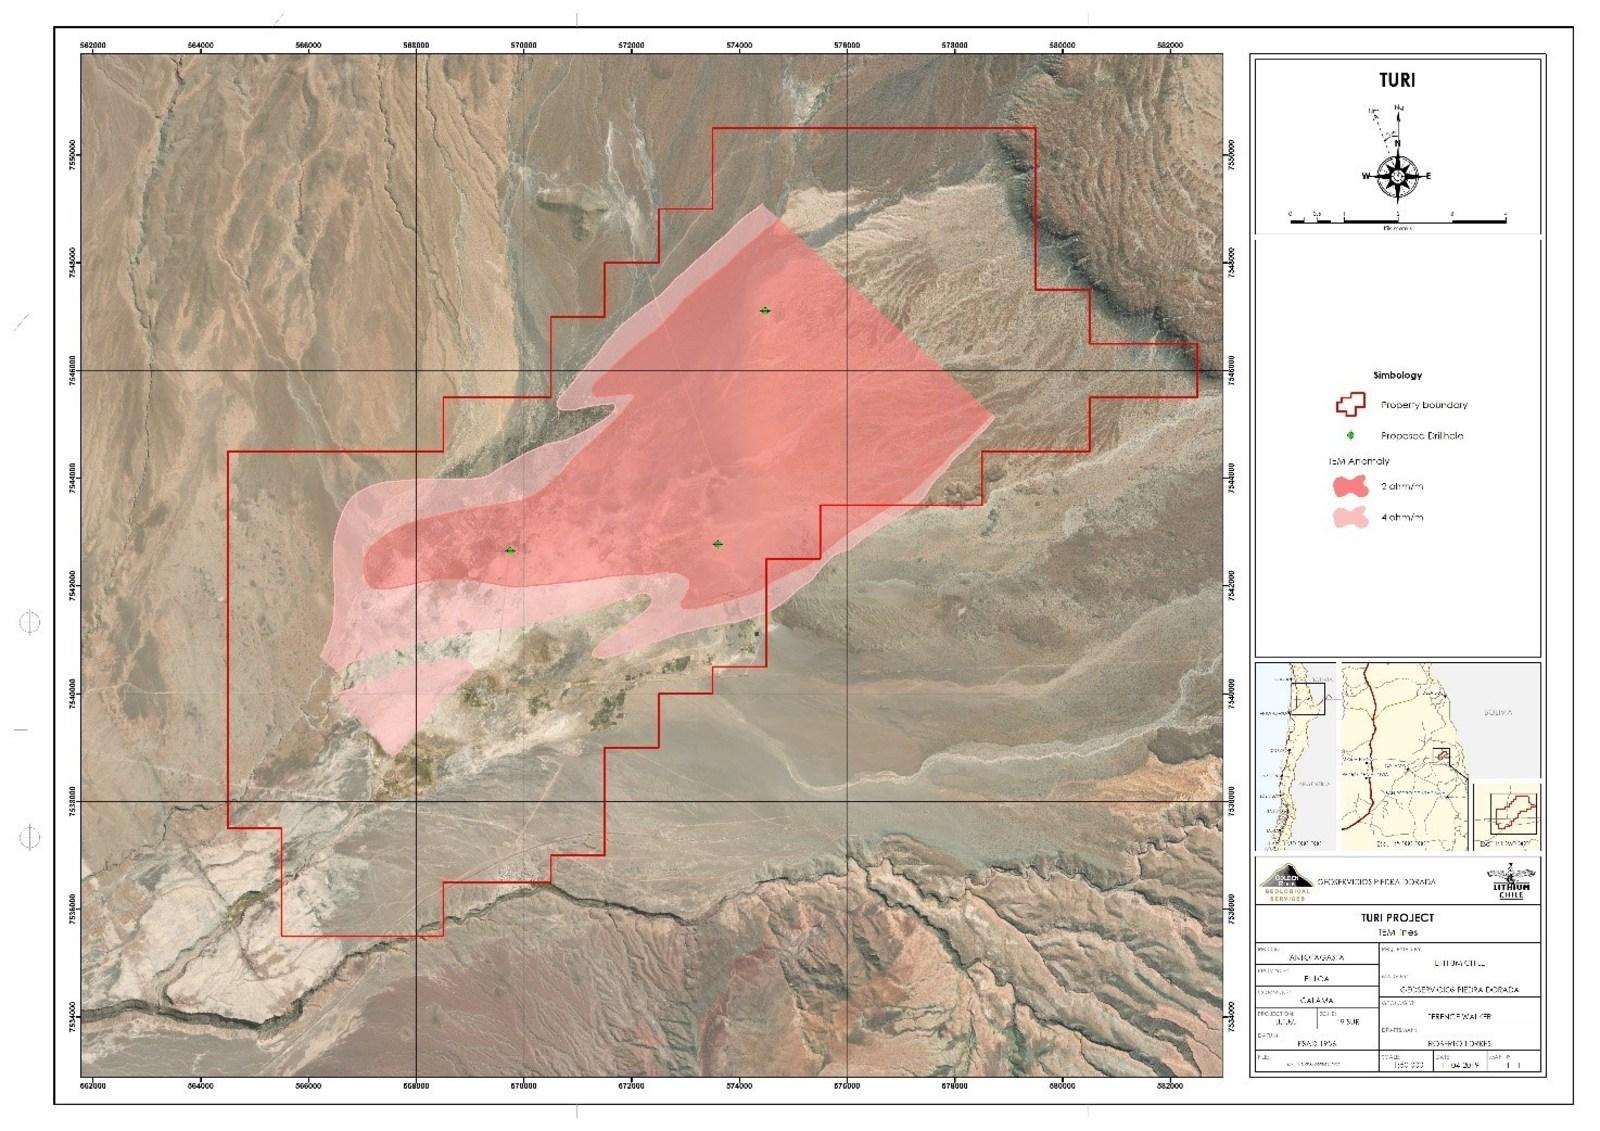 Turi Project - 3 Drill Locations